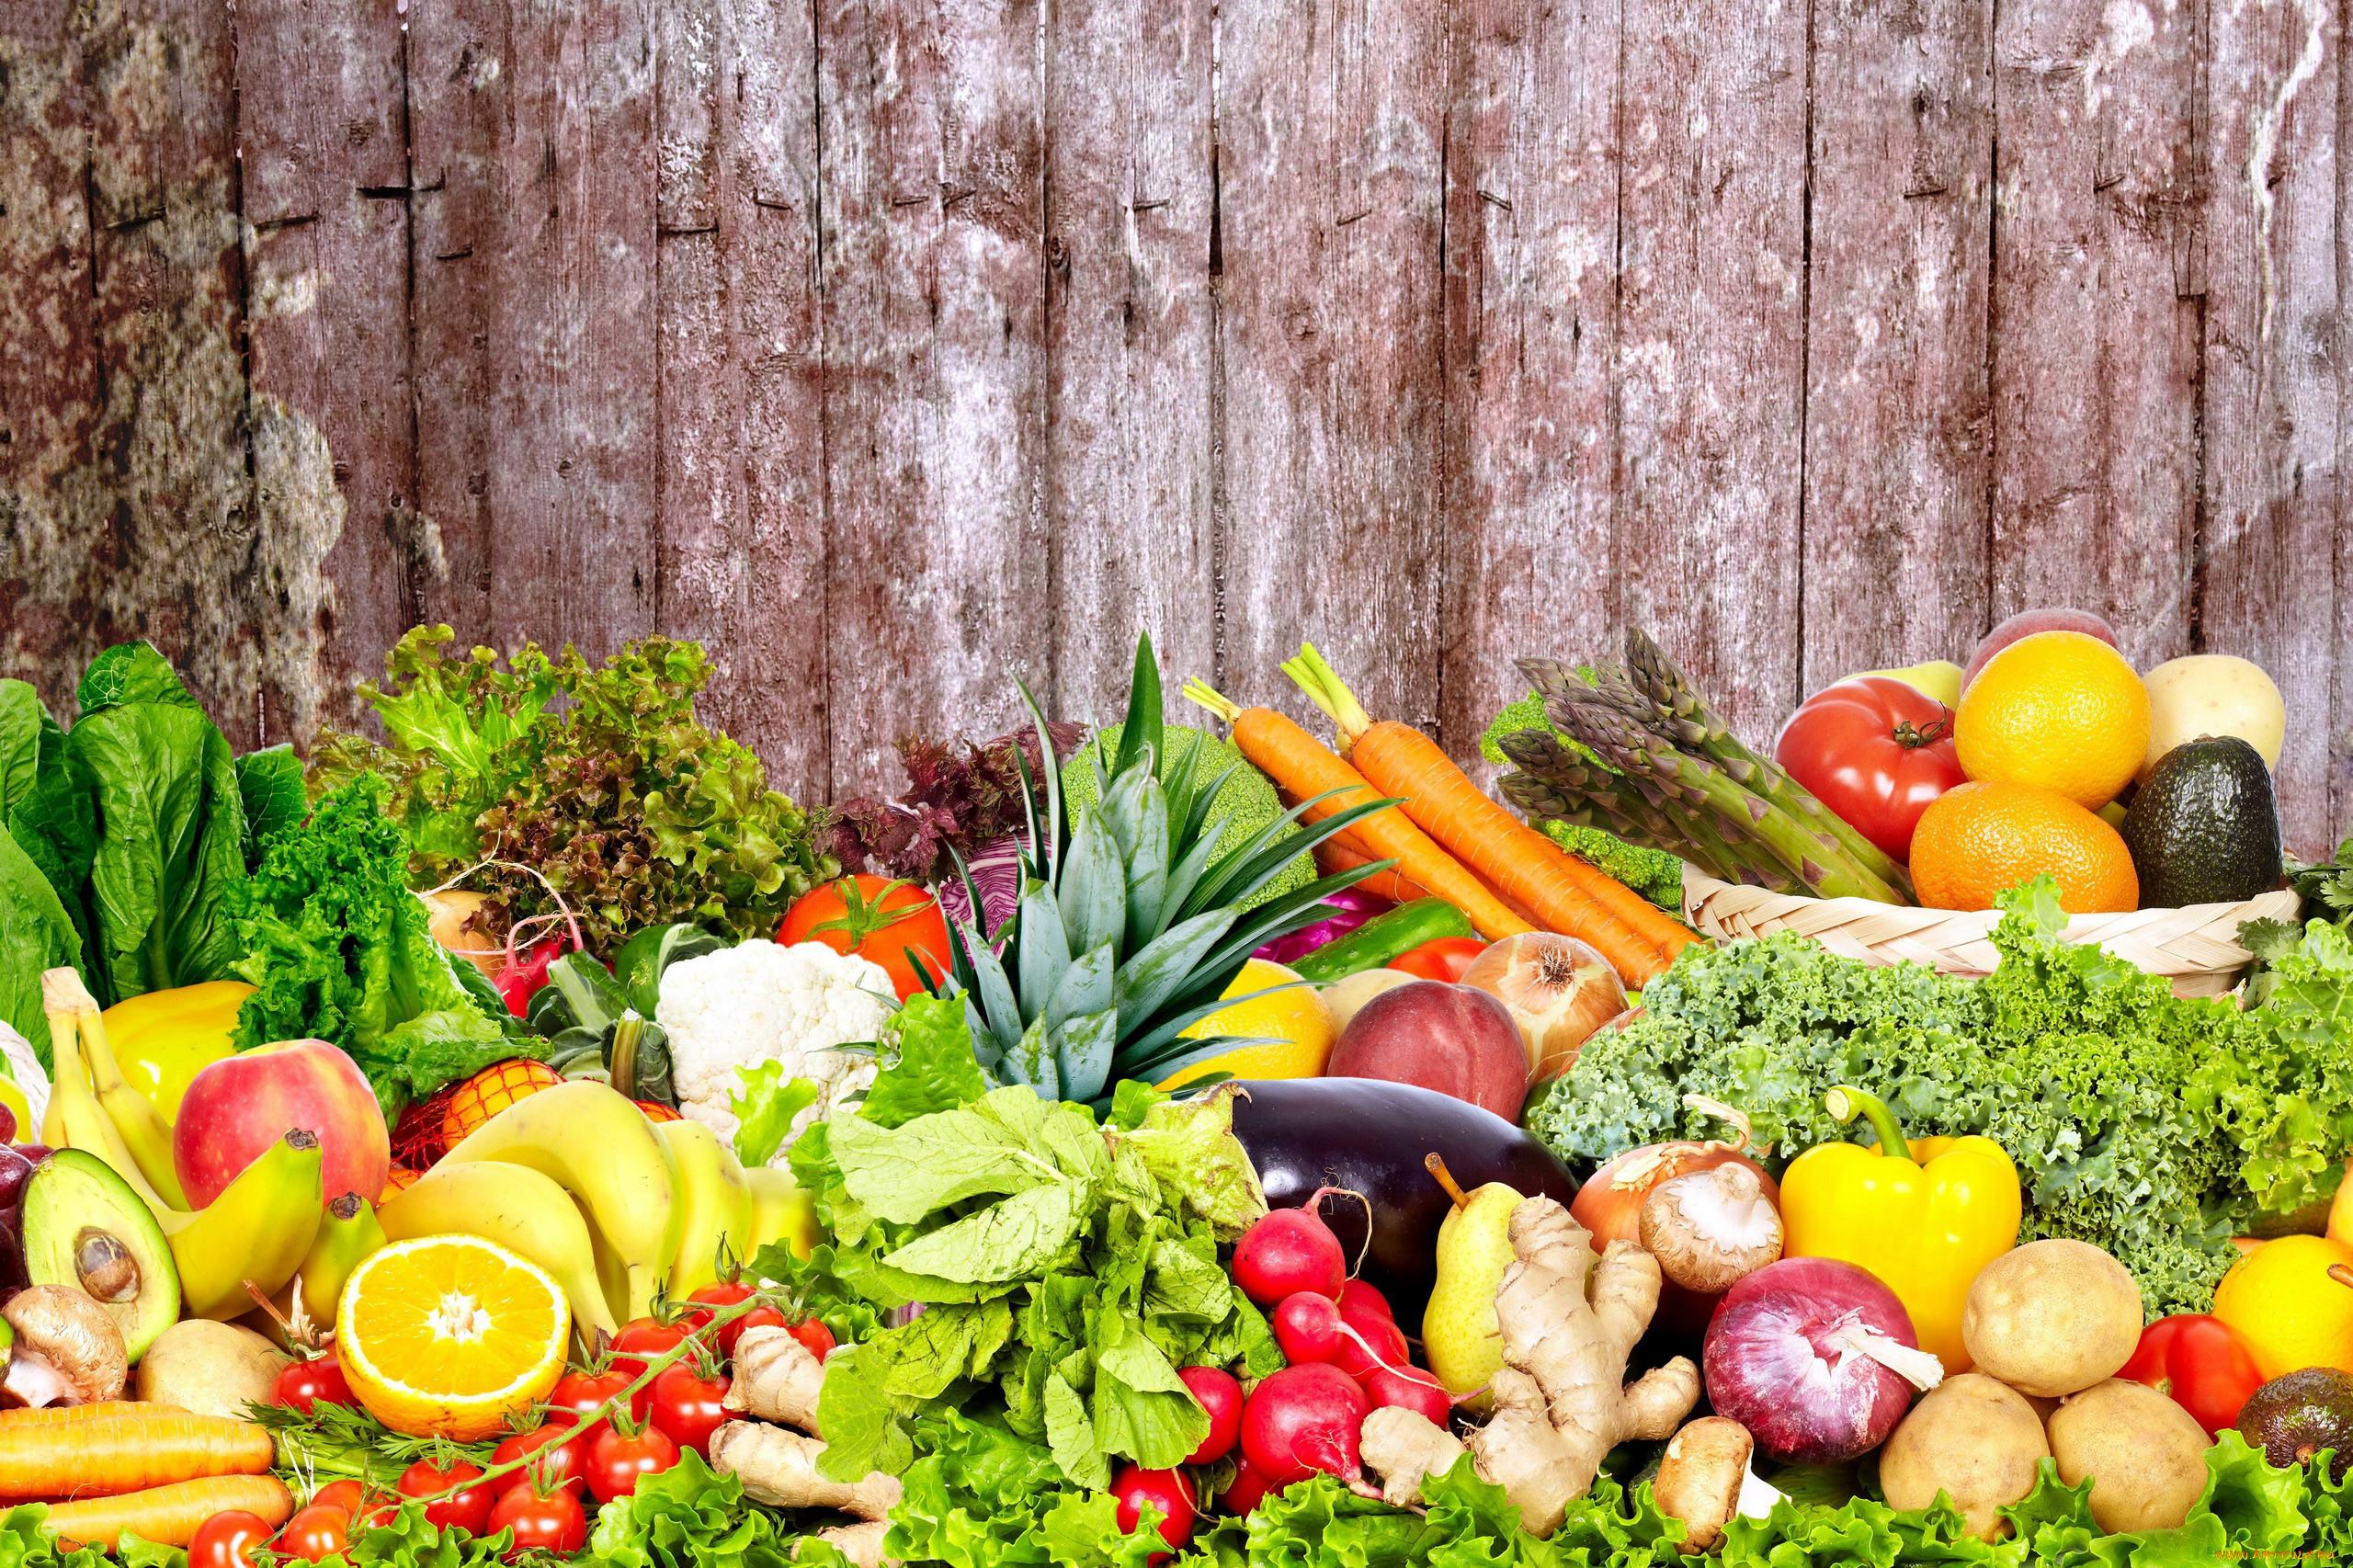 картинки овощей и фруктов для рекламы довольно многочисленная